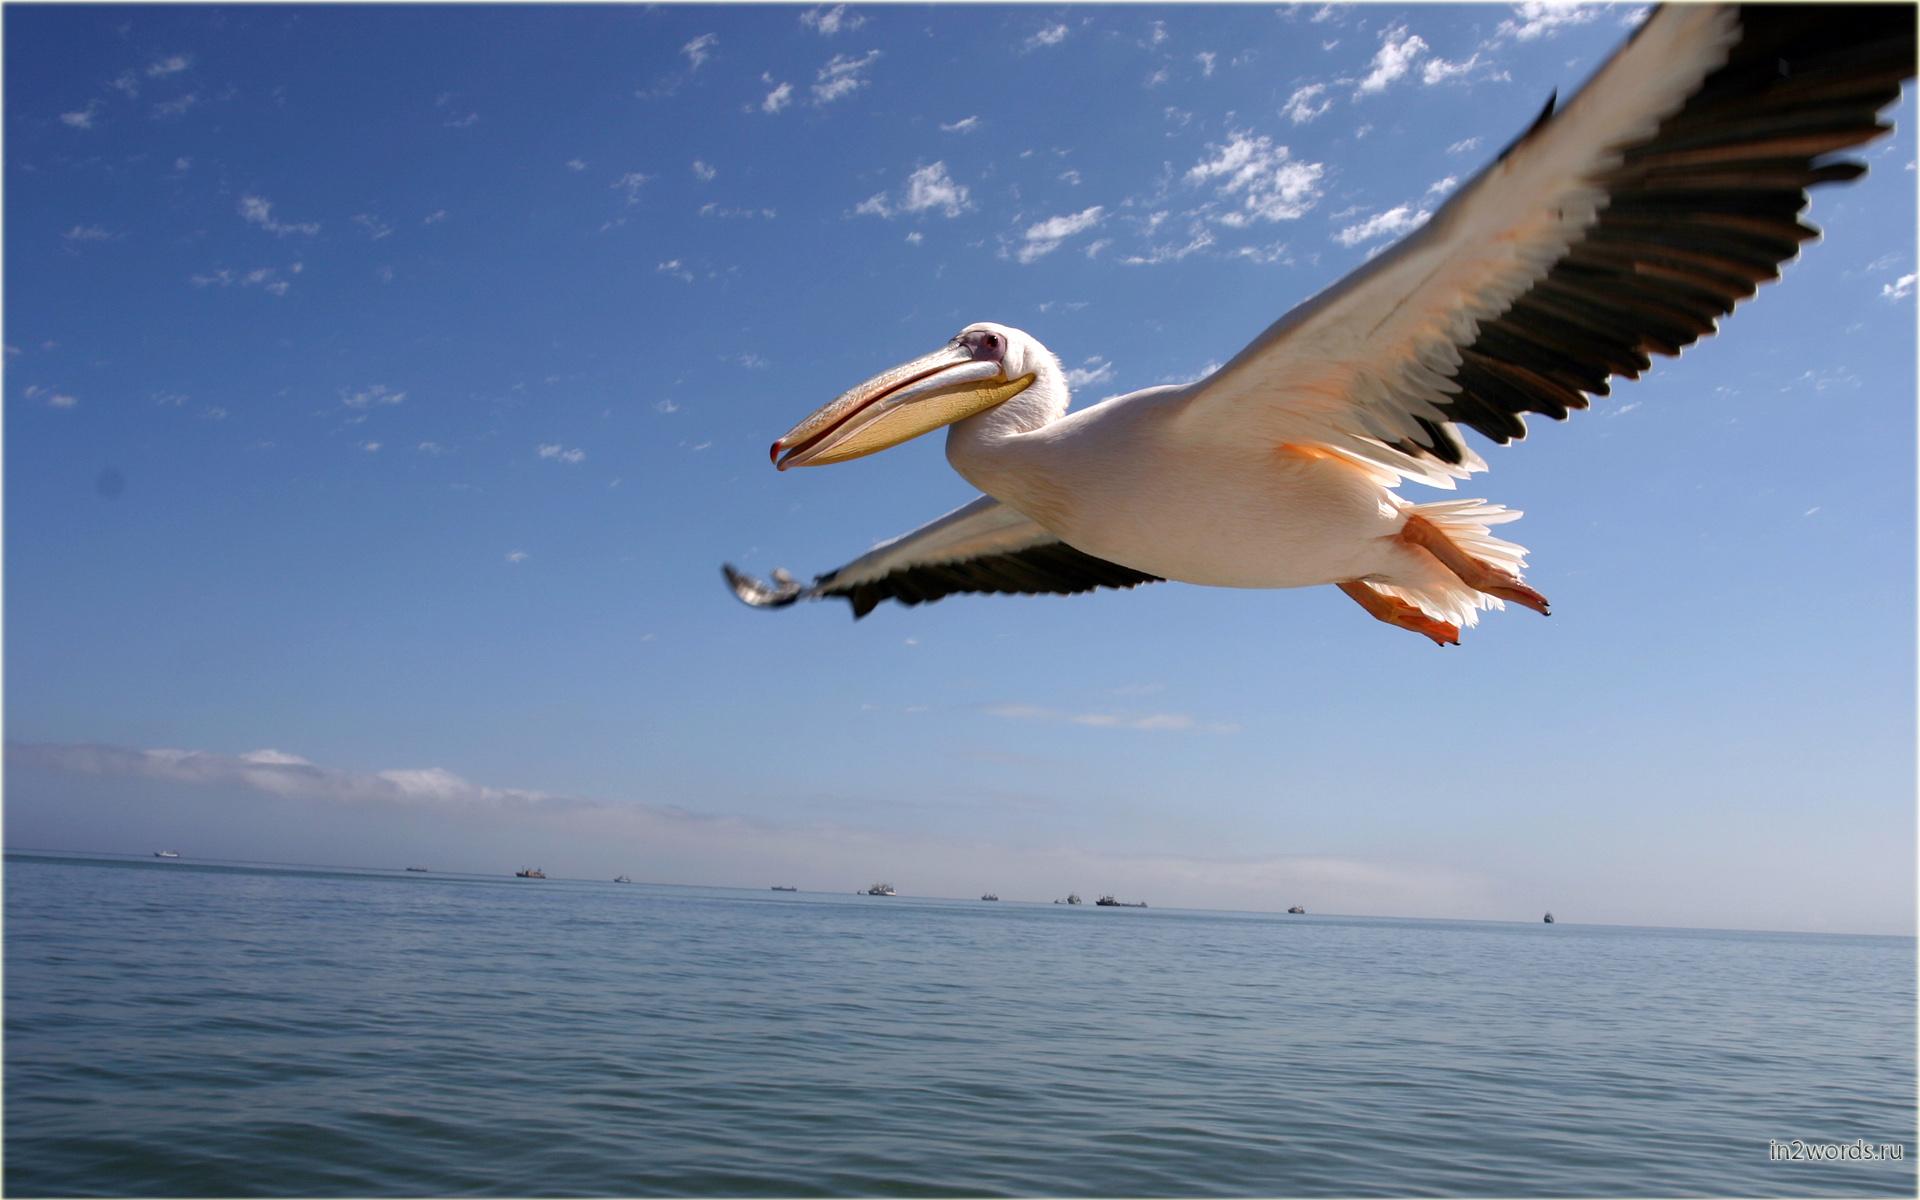 Гламурные розовые пеликаны. Волвис Бэй (Walvis Bay), Намибия.